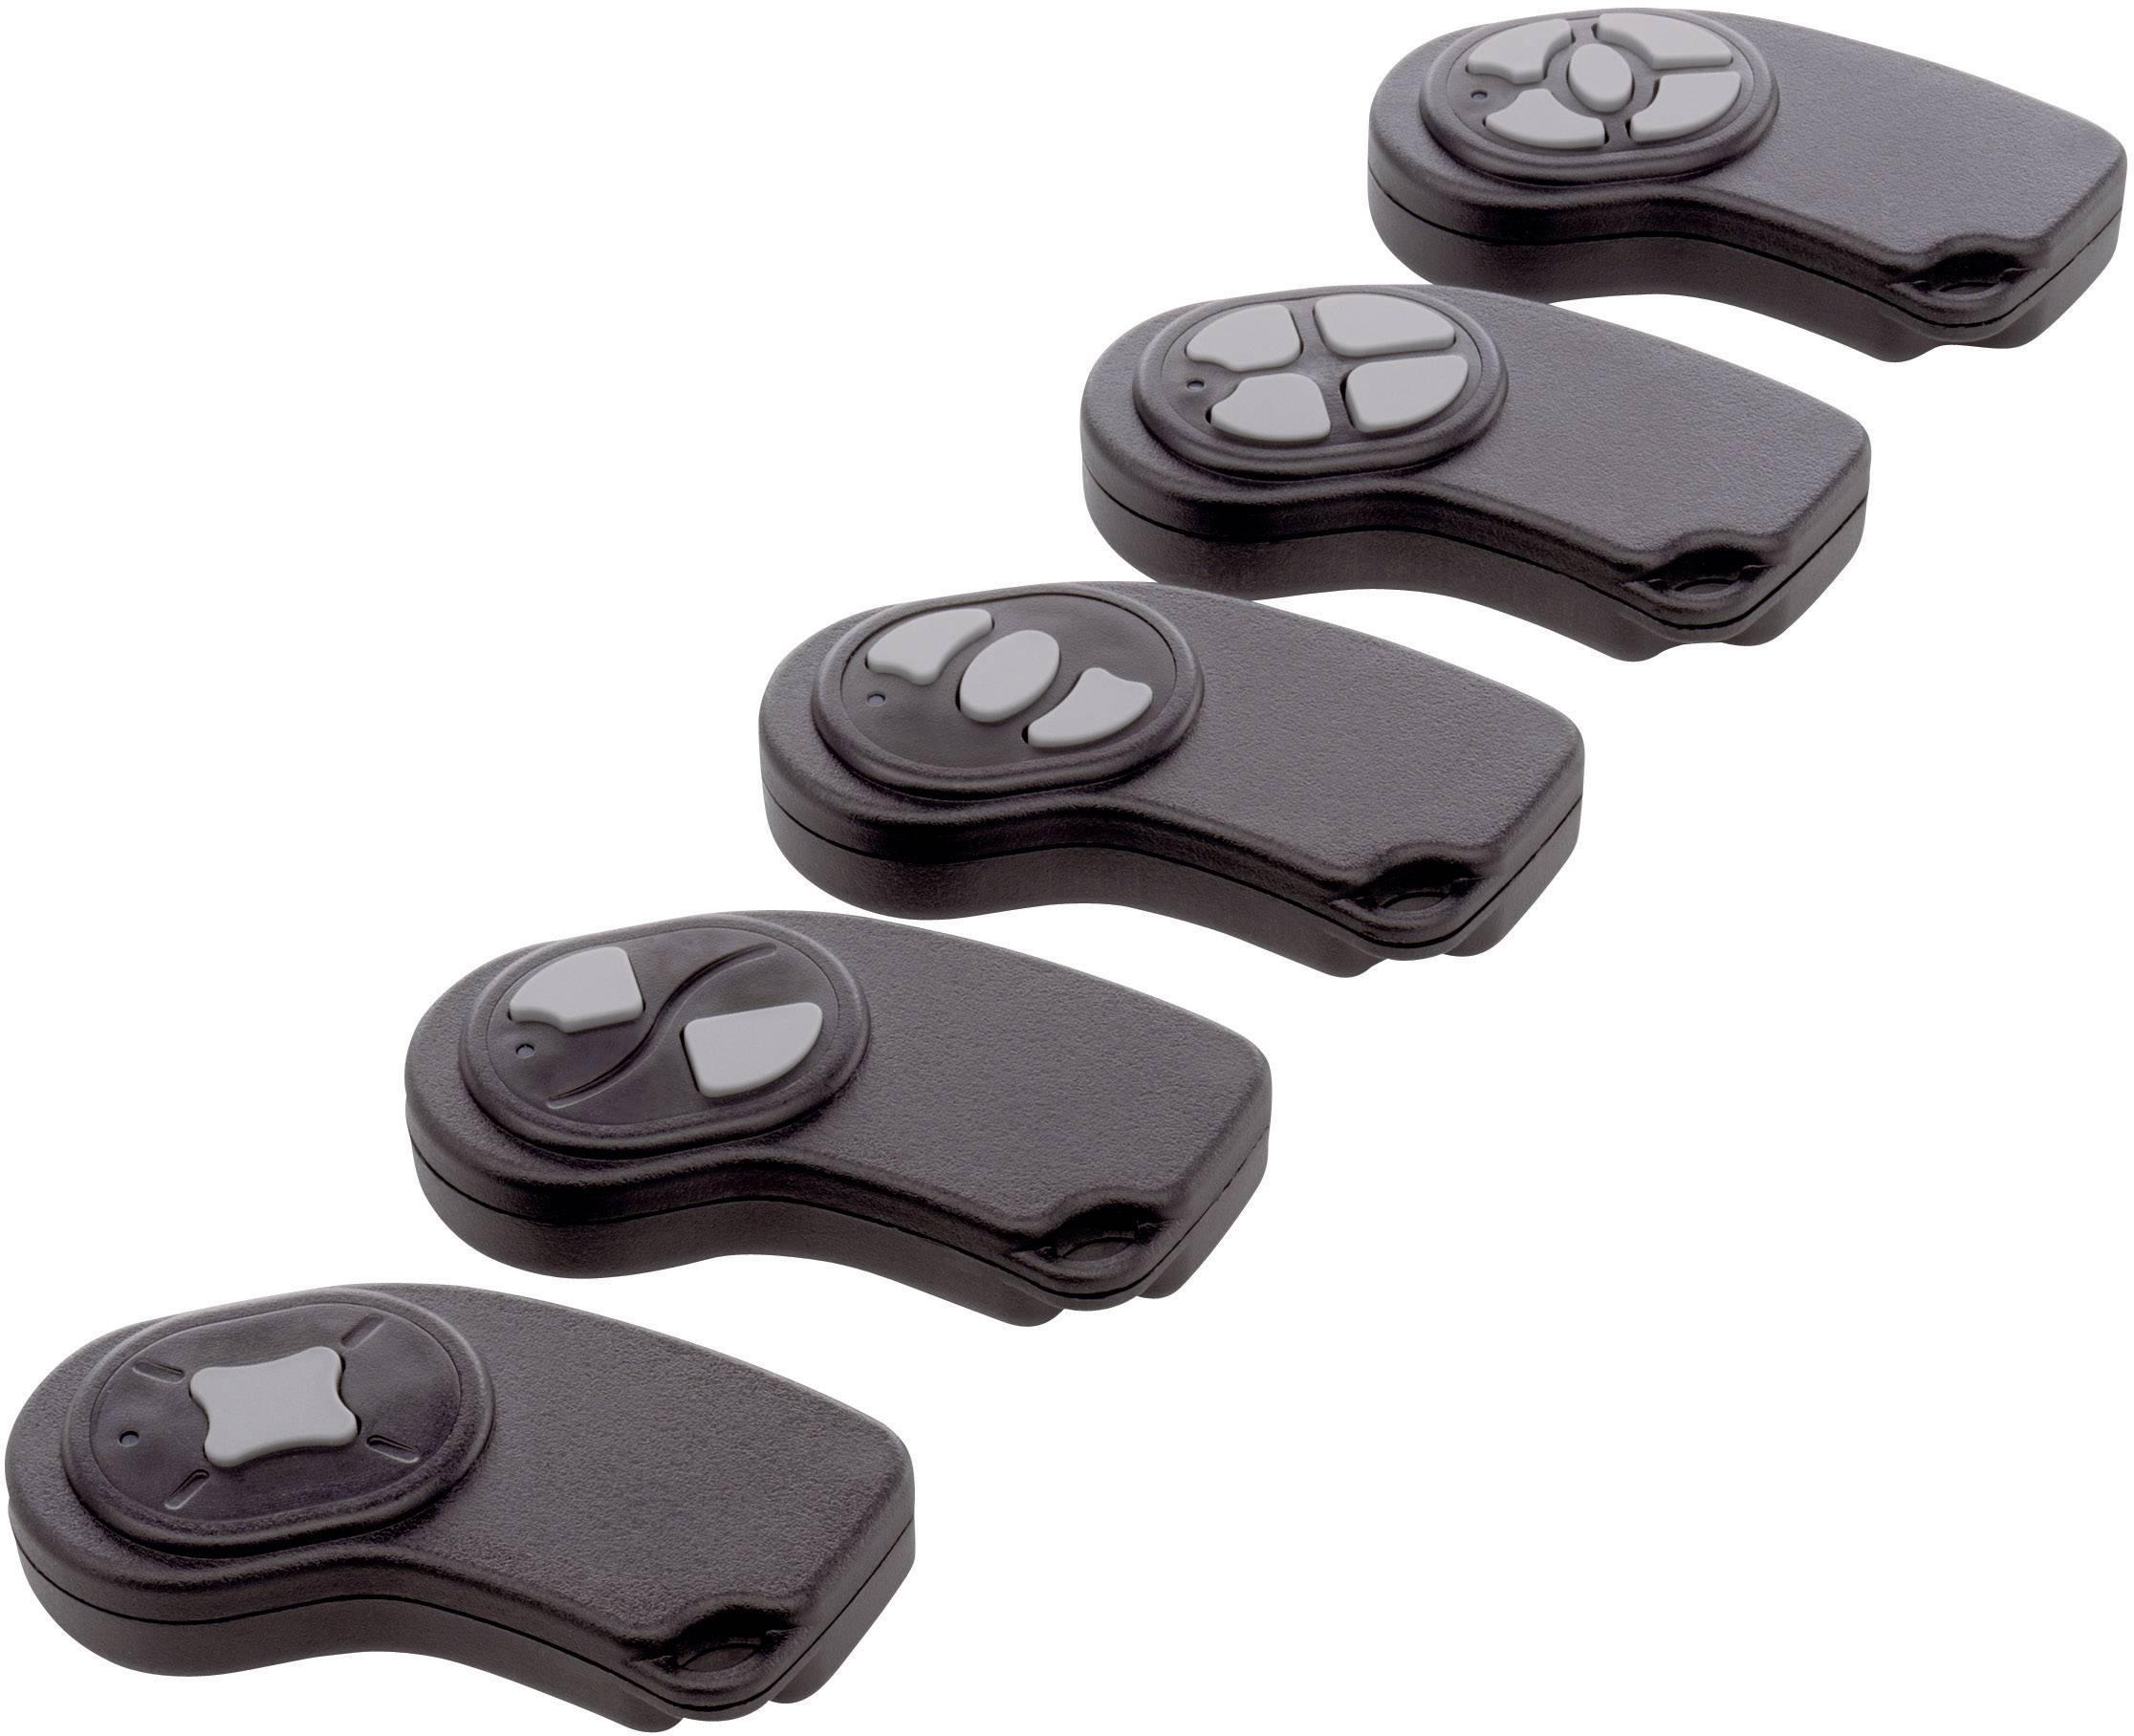 Univerzální pouzdro ABS Axxatronic 24080224-CON, 72 x 32 x 9,5 mm, černá